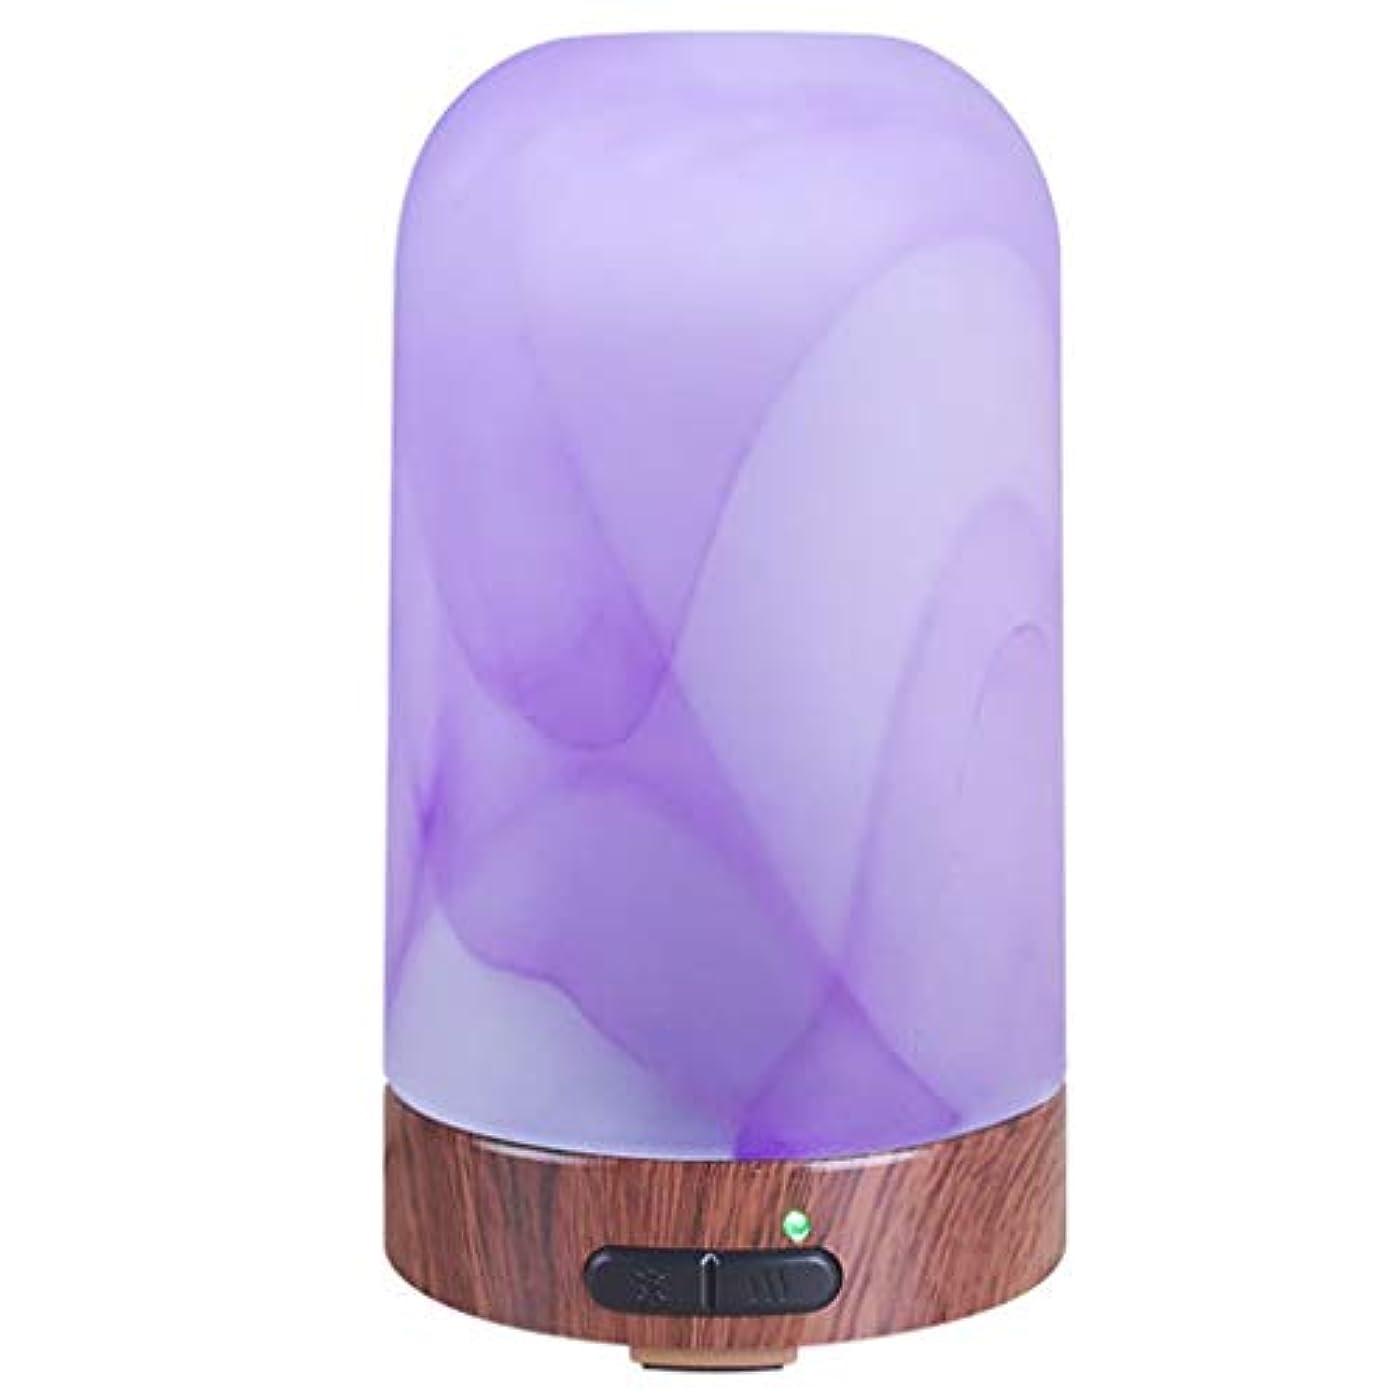 基礎理論ハンディやさしいアロマセラピーエッセンシャルオイルディフューザー、ウッドグレインアロマディフューザークールミスト加湿器付きナイトライトウォーターレスオートシャットオフホームオフィスヨガ (Color : Purple)